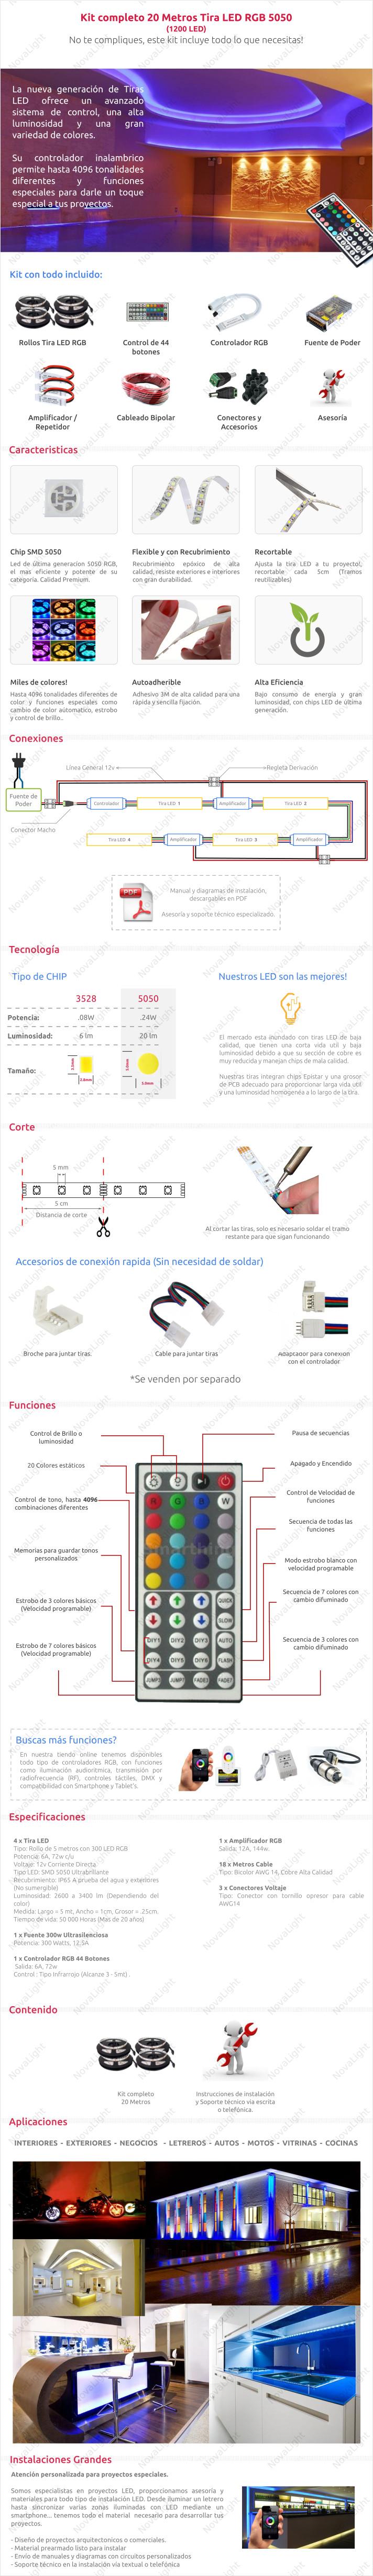 Descripción del articulo de tira LED RGB 20 metros Kit Completo